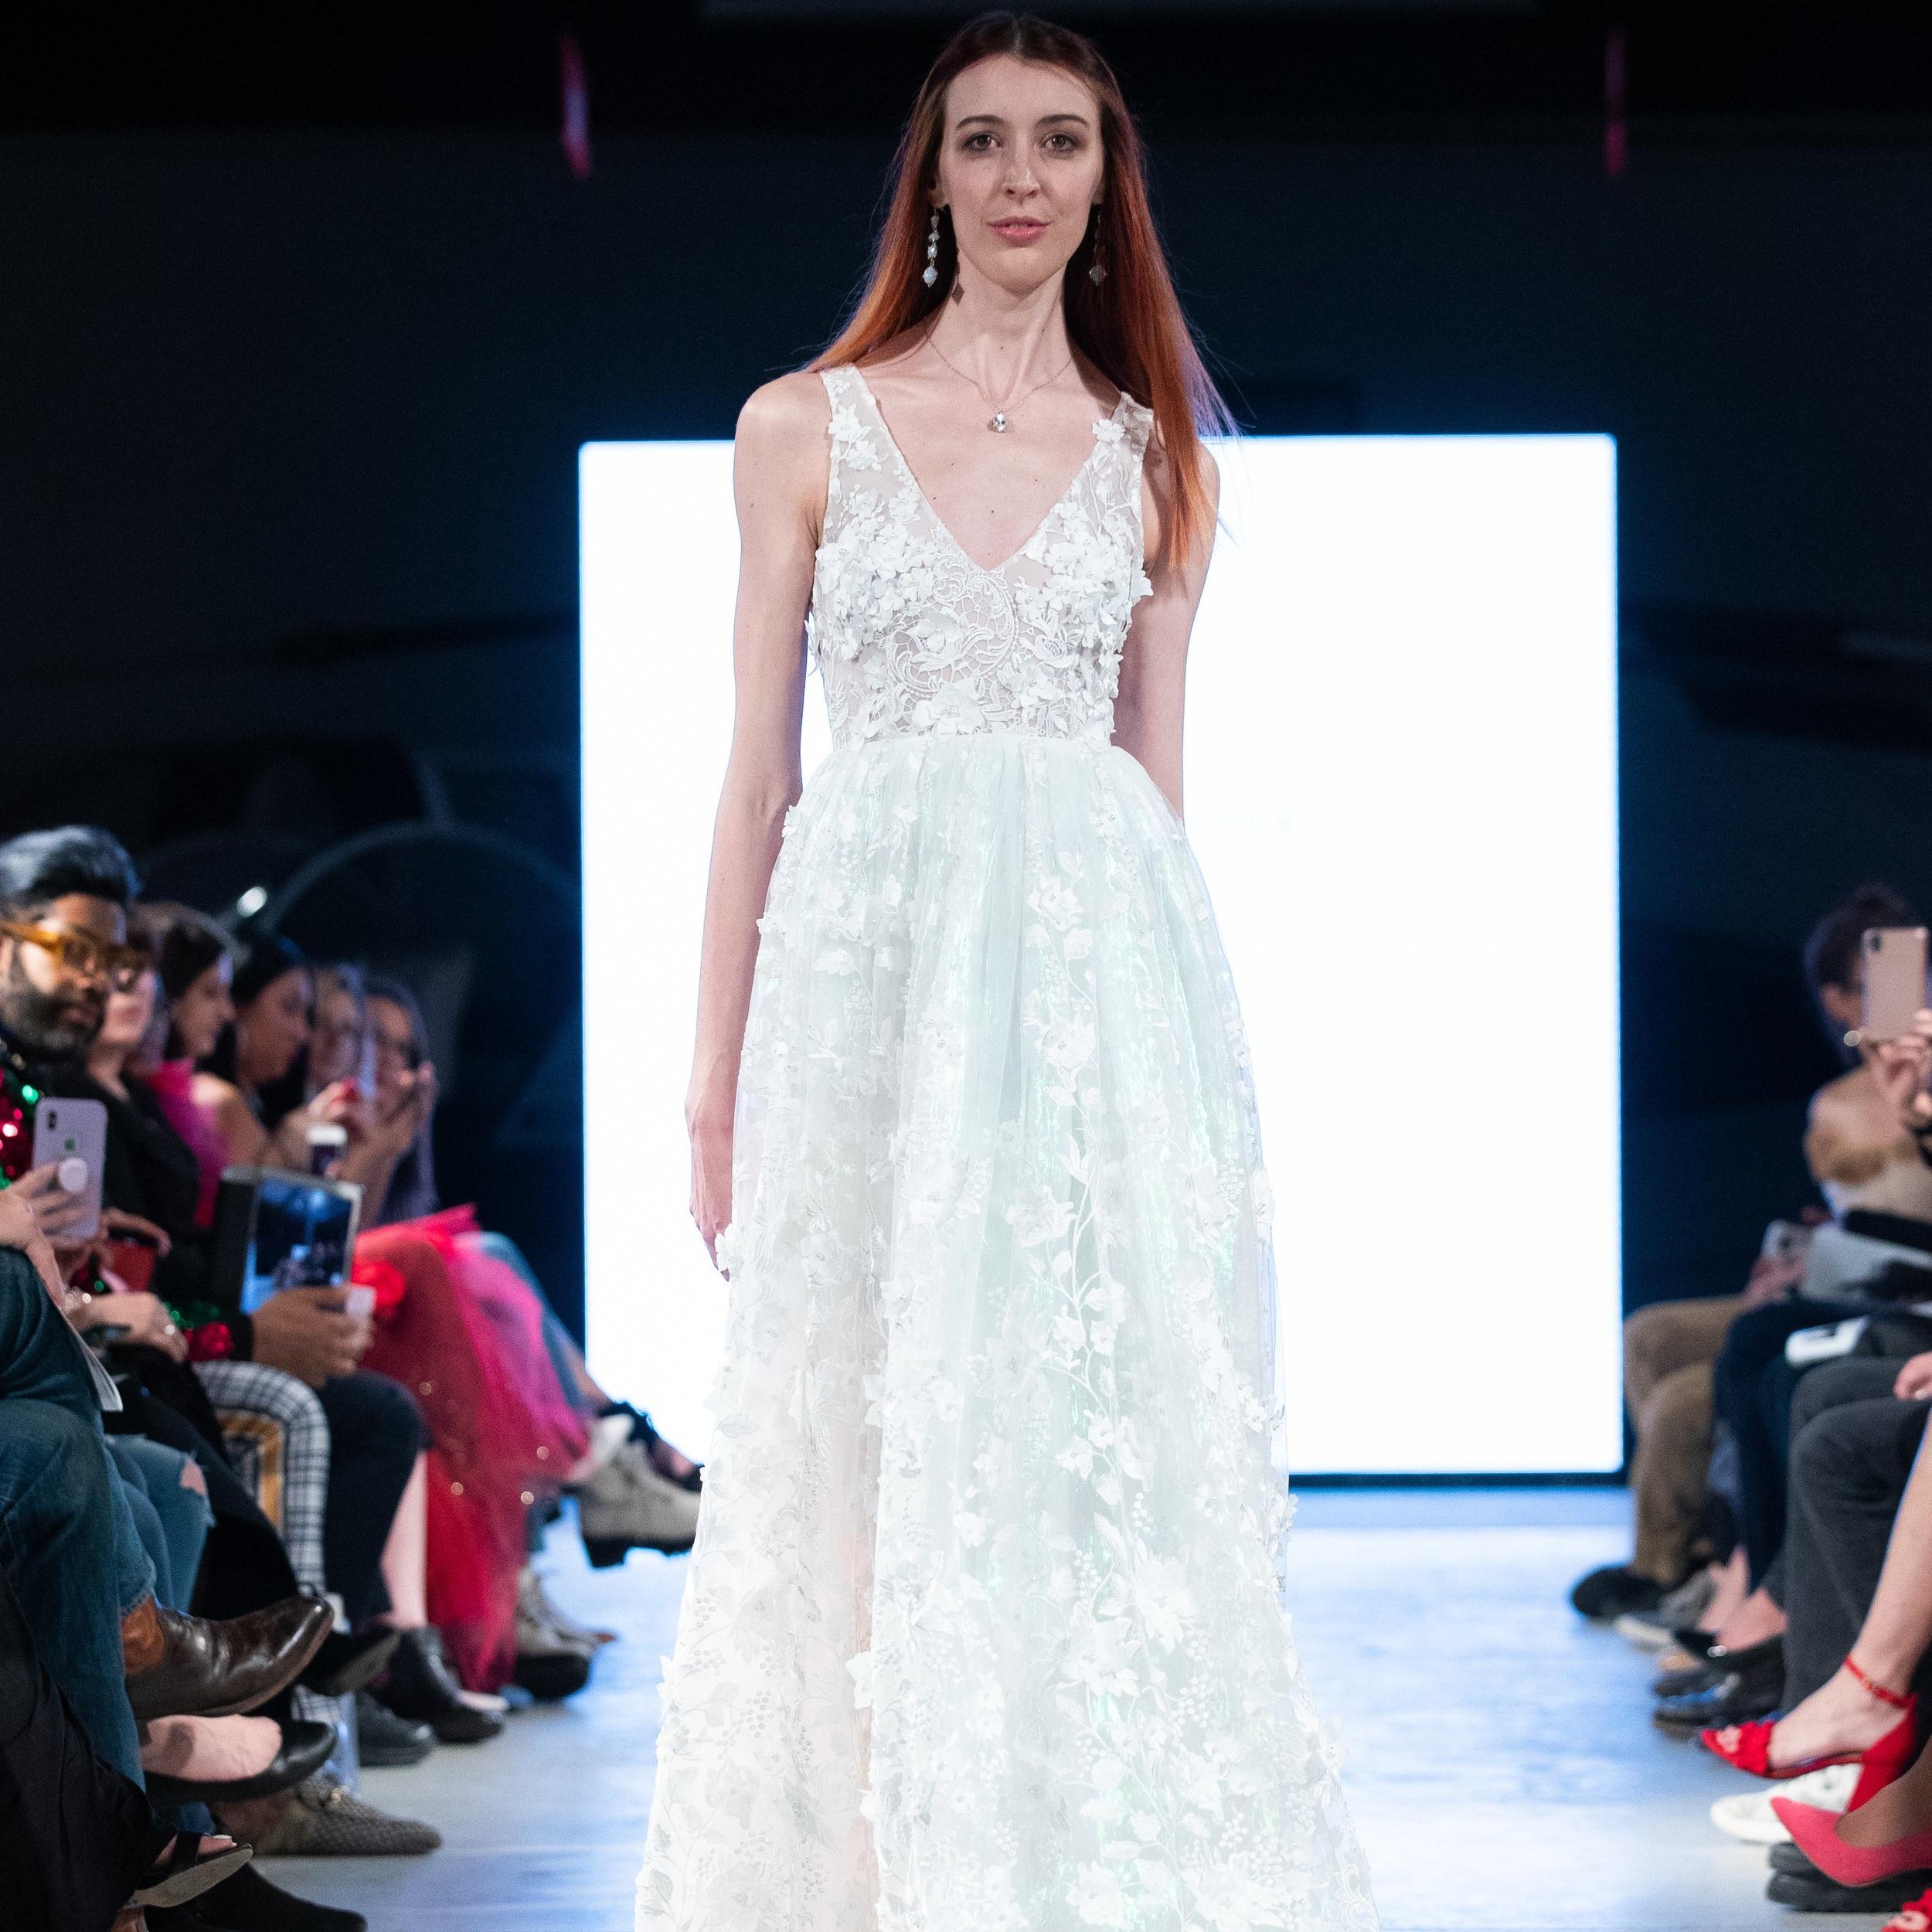 dress%2B3.1.jpg